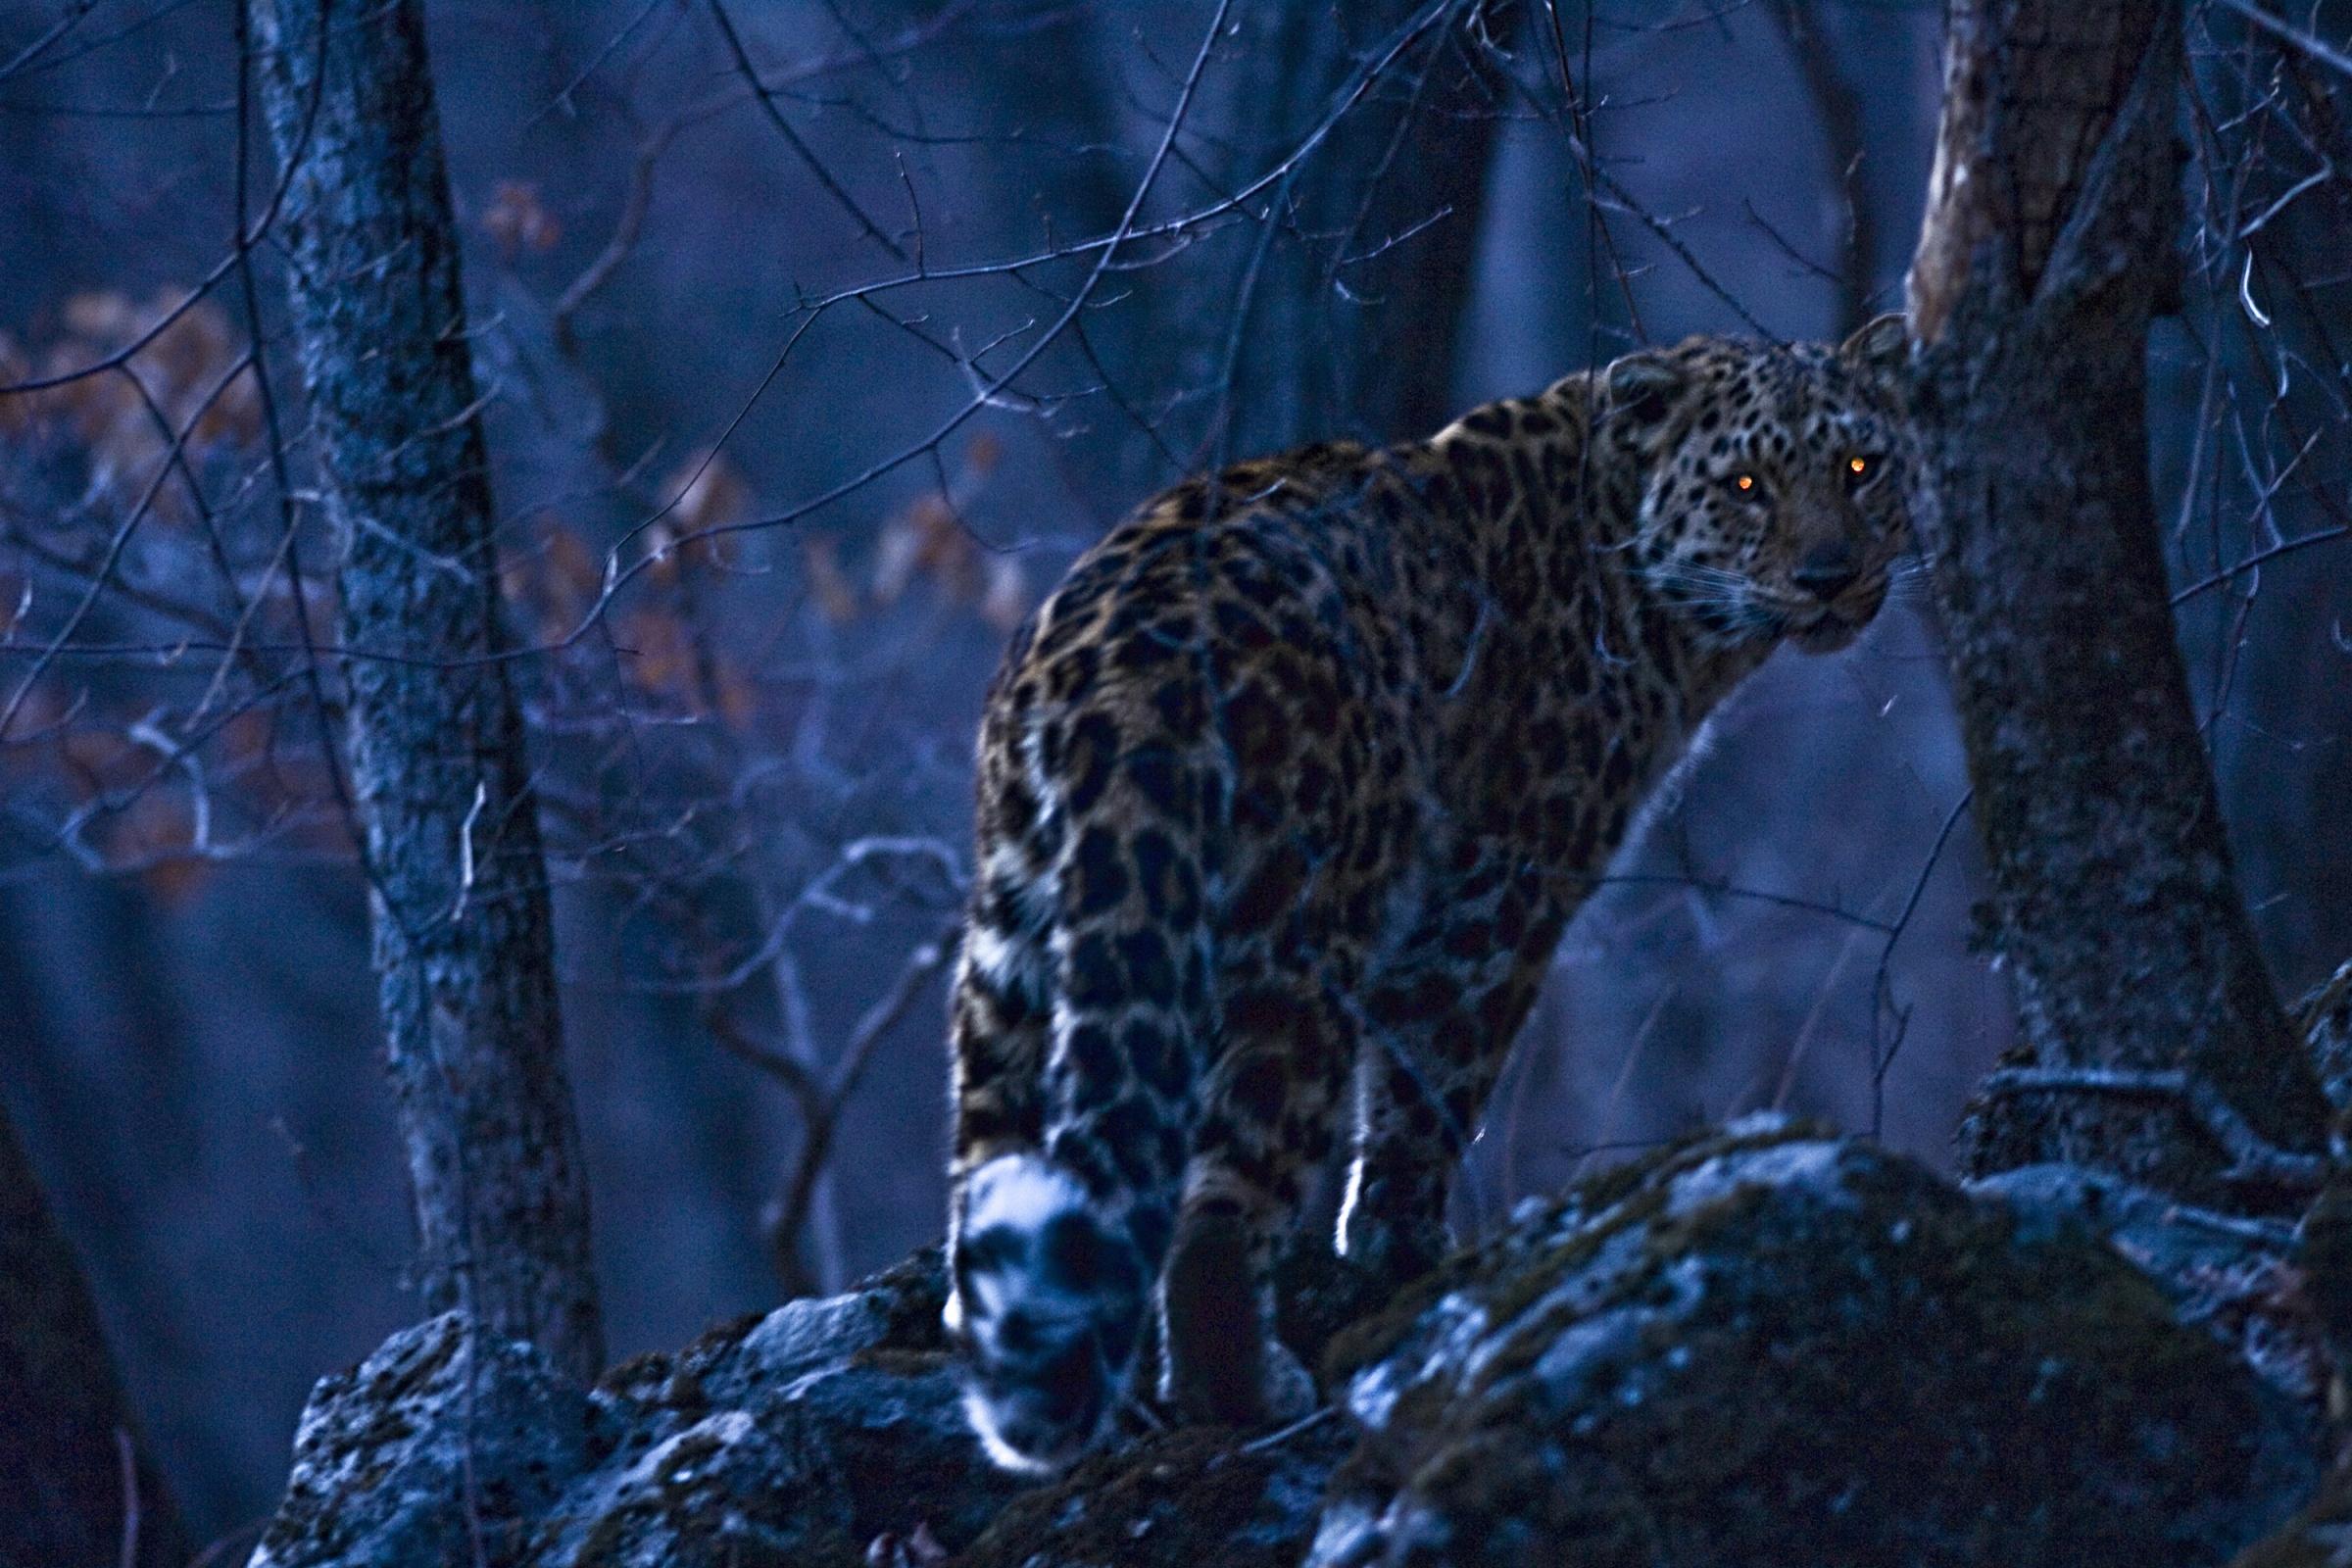 amurleopard16